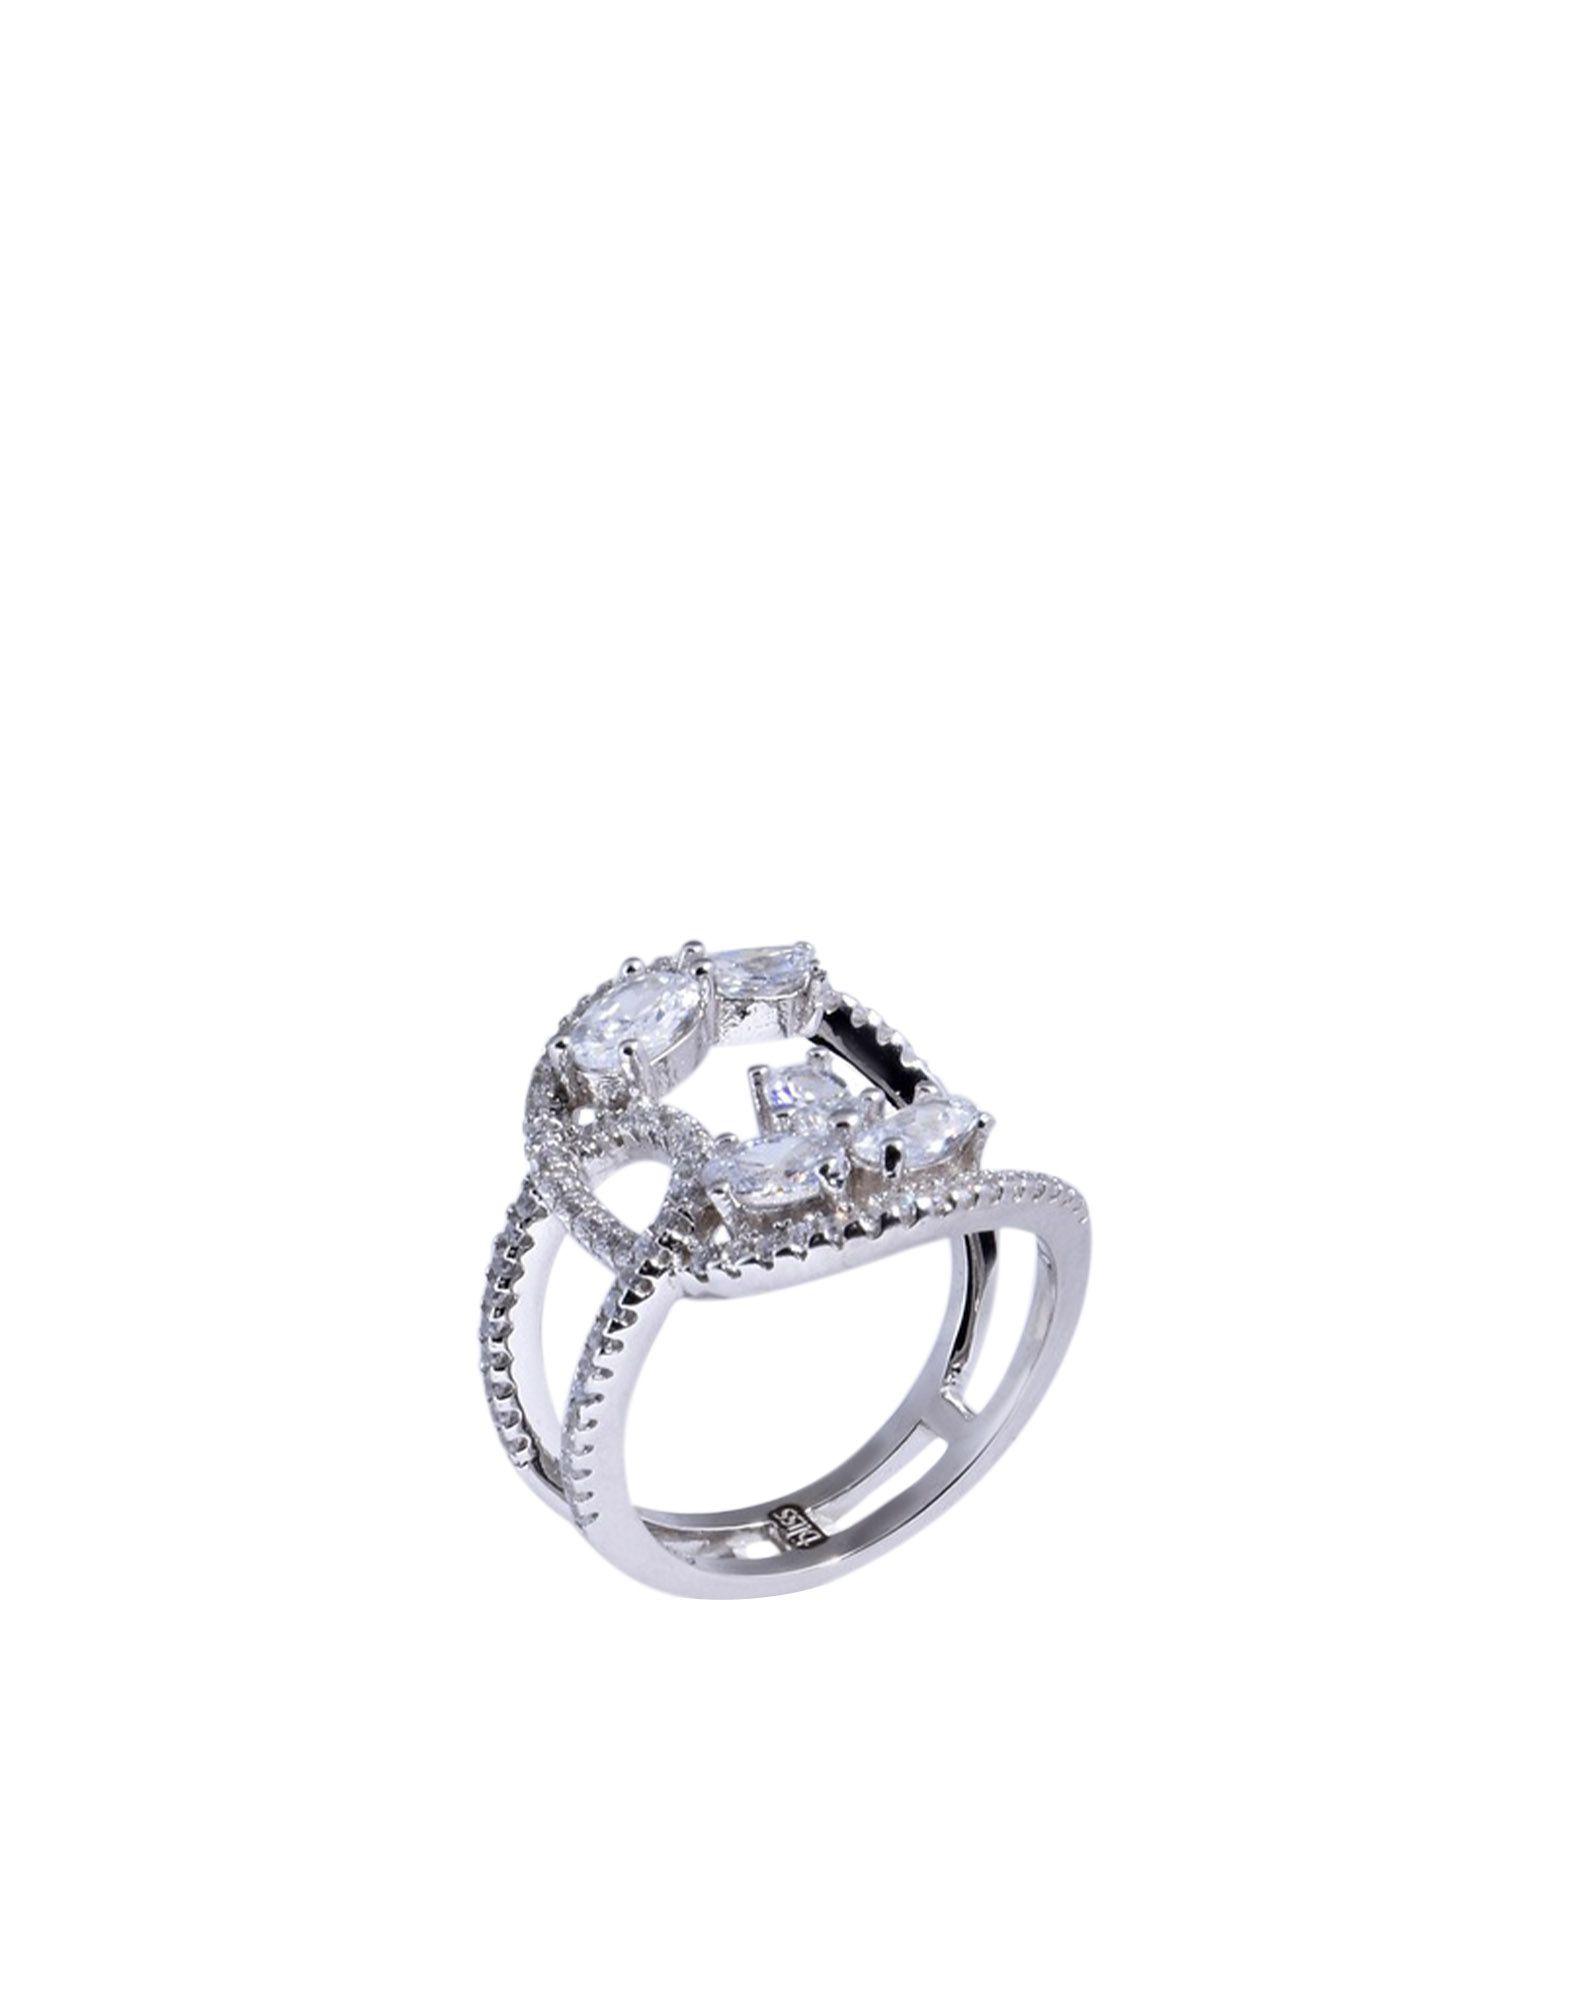 《送料無料》BLISS レディース 指輪 シルバー 14 シルバー925/1000 / キュービックジルコニア